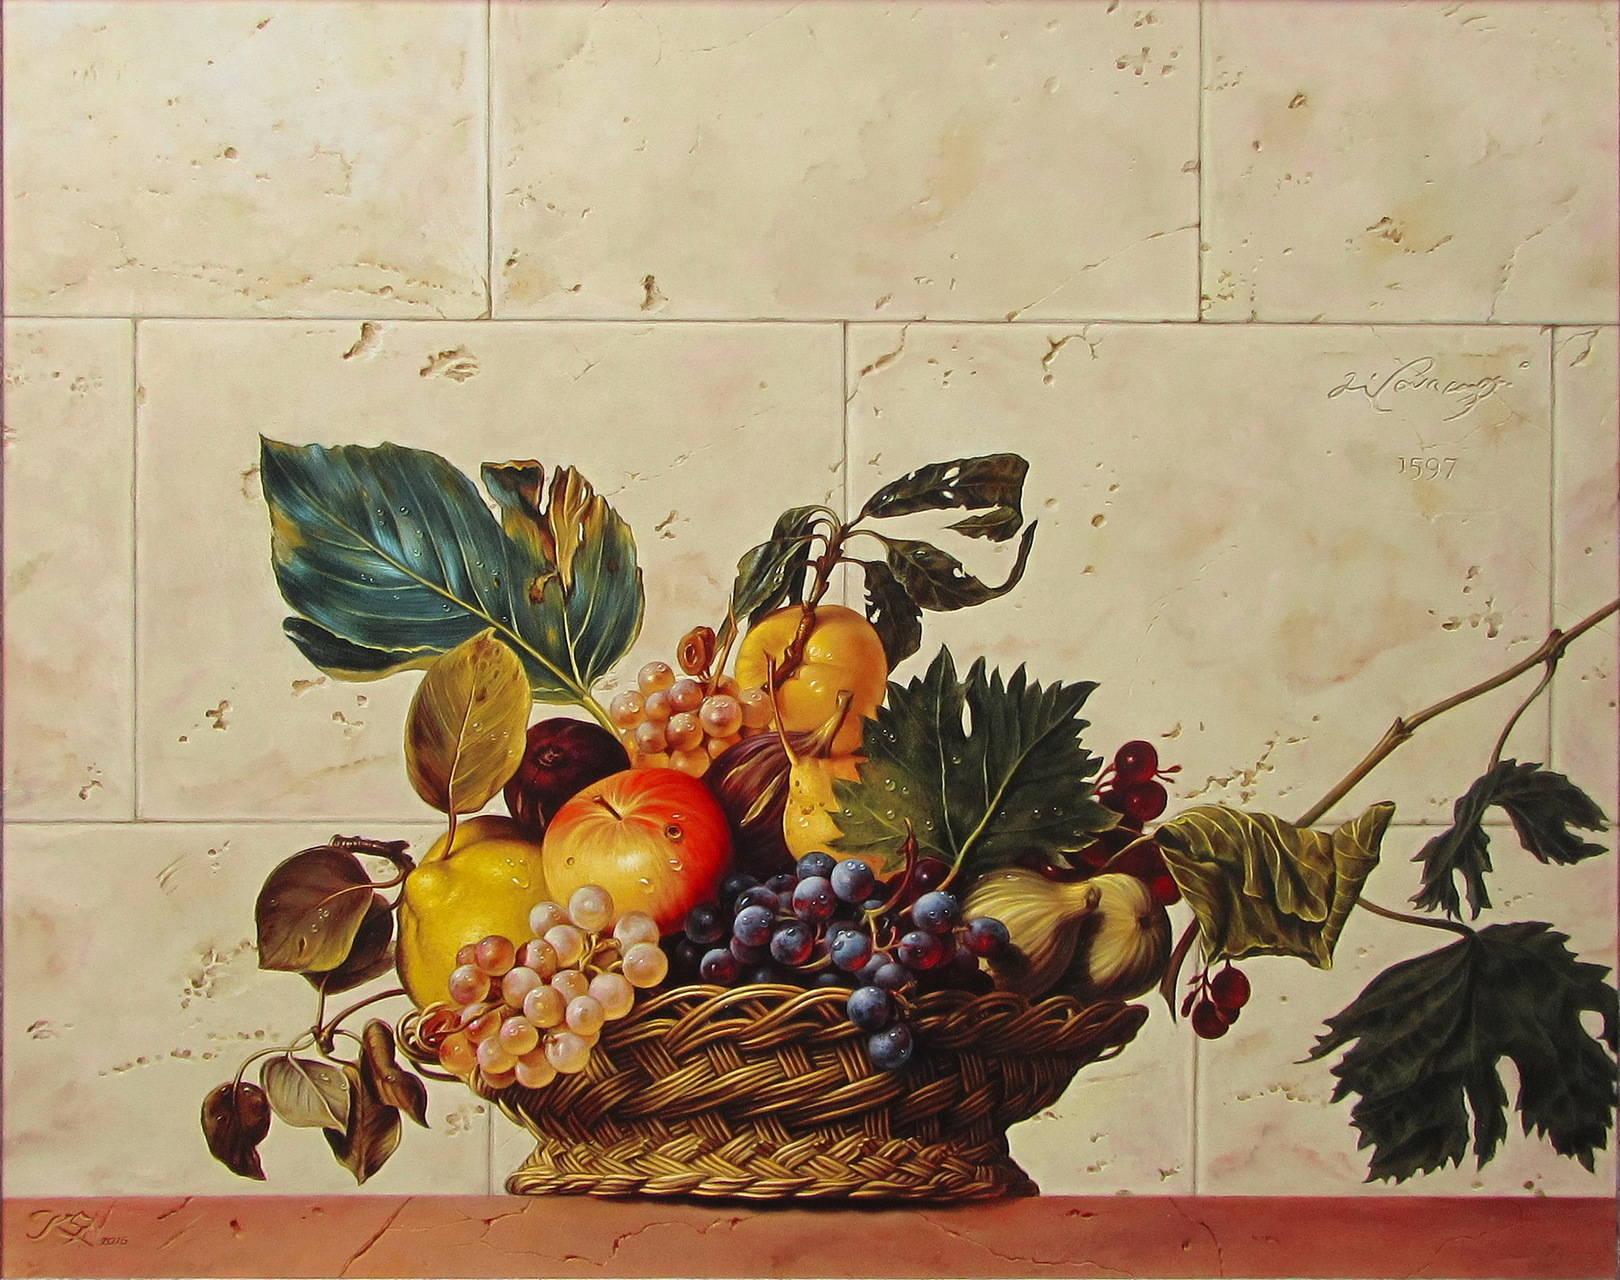 Корзина с фруктами. Караваджо. Вольная копия. Кожа, масло, 55х70.